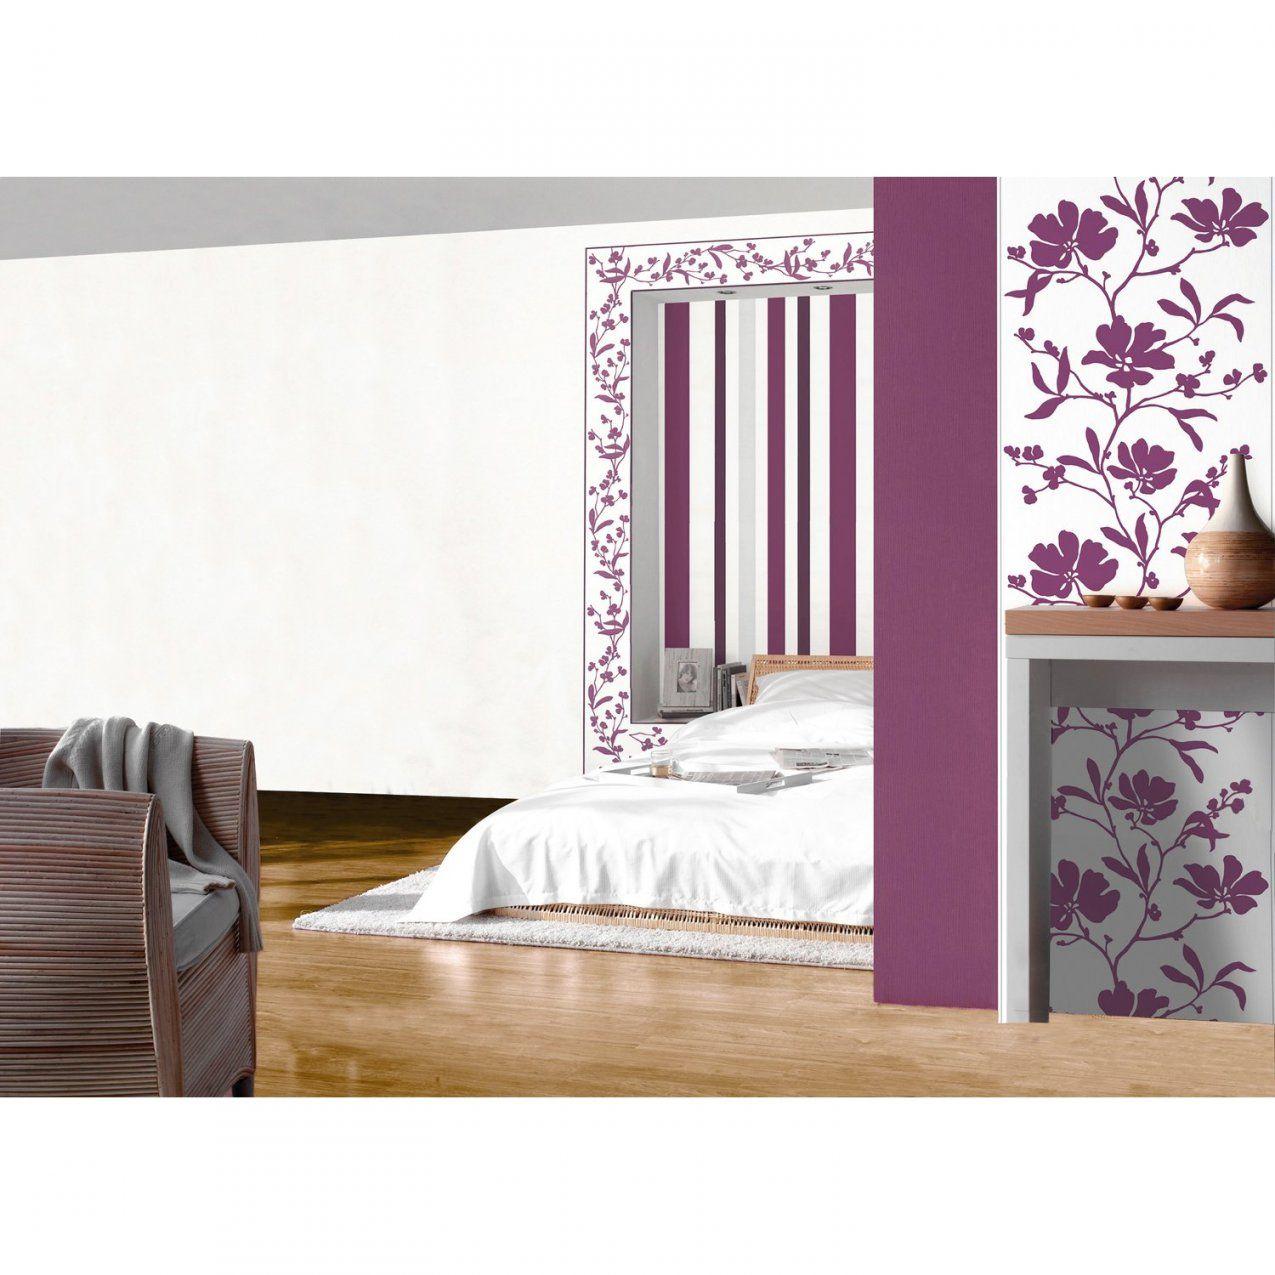 Schöner Wohnenkollektion Vliestapete Streifen Violett Kaufen Bei Obi von Tapeten Schöner Wohnen Kollektion Photo